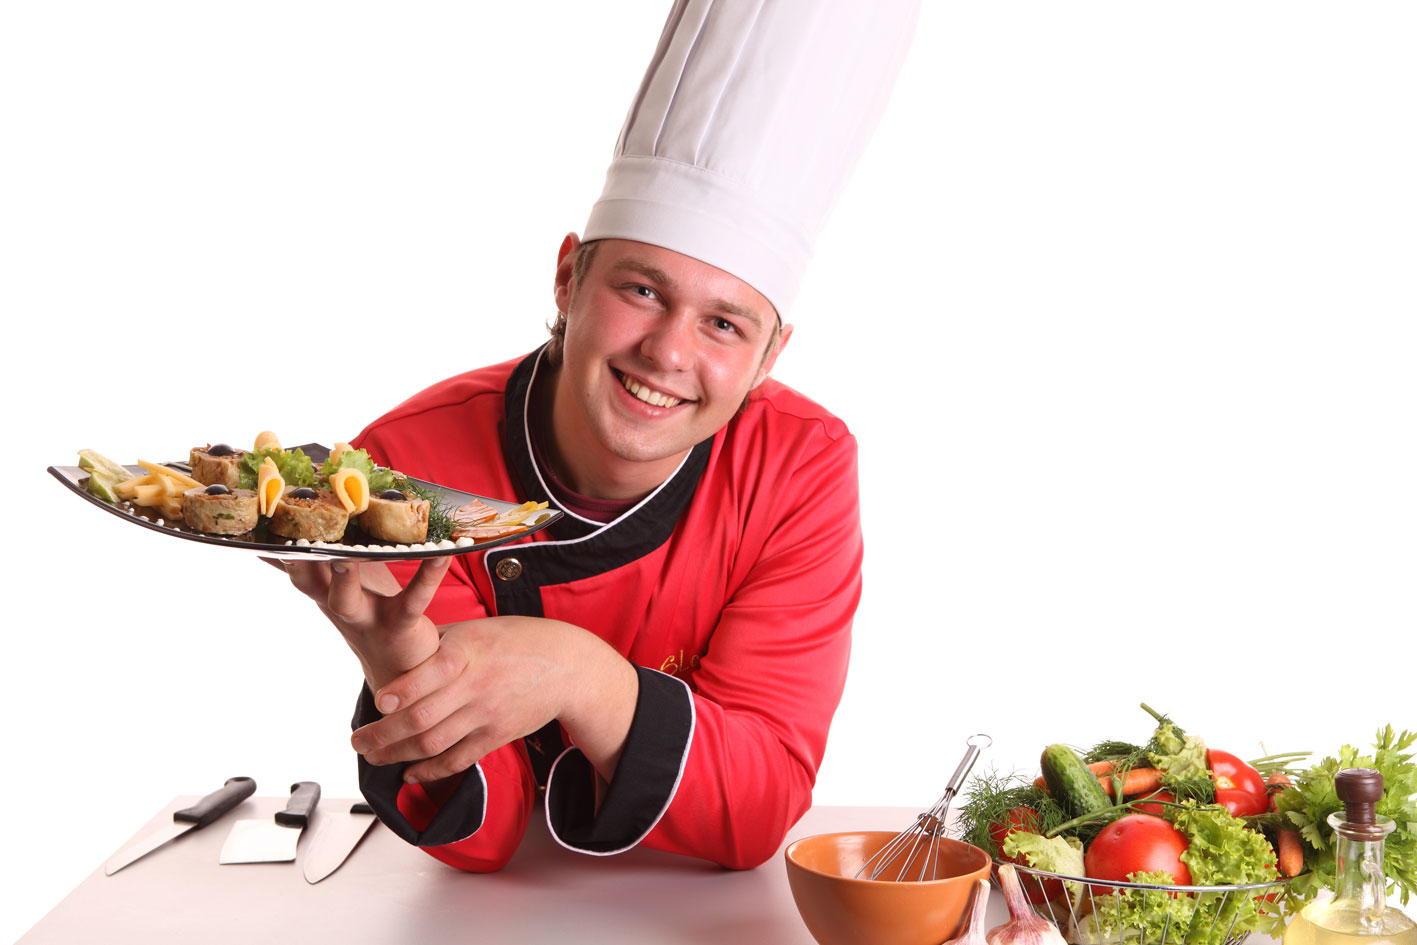 шеф повар кухня png белый фон овощи стол шапка повара шеф су-шеф